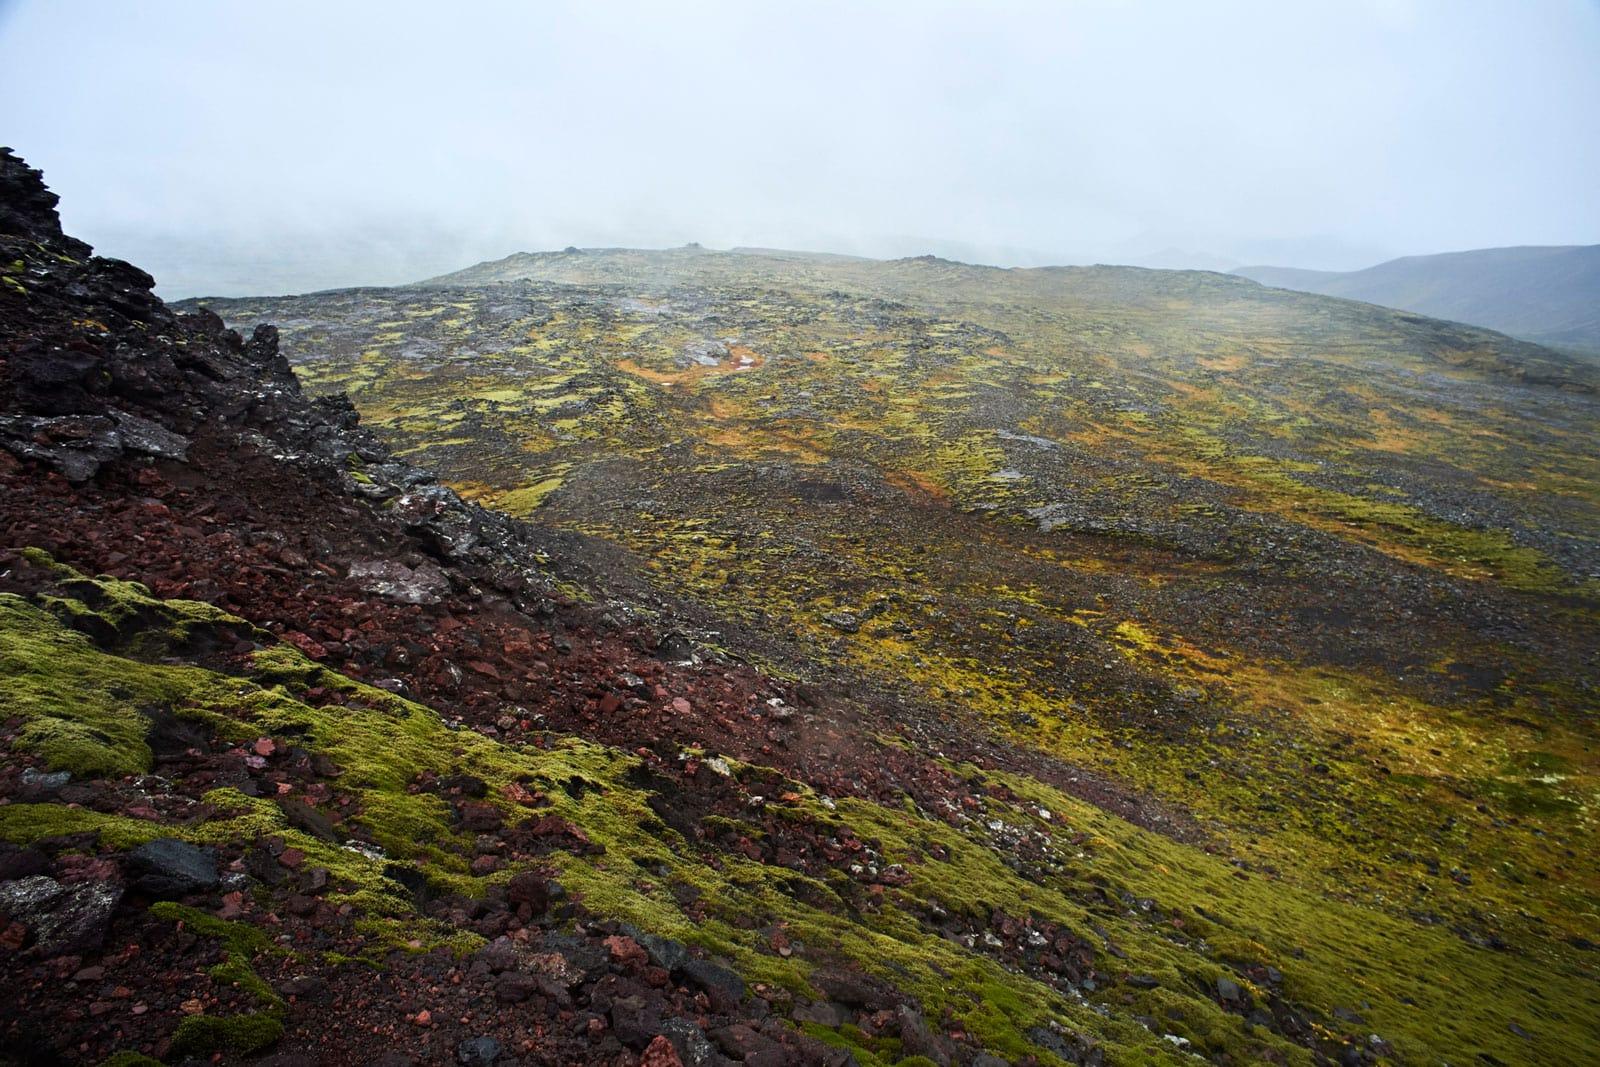 gelbgrün braune Landschaft am fusse eines Vulkans